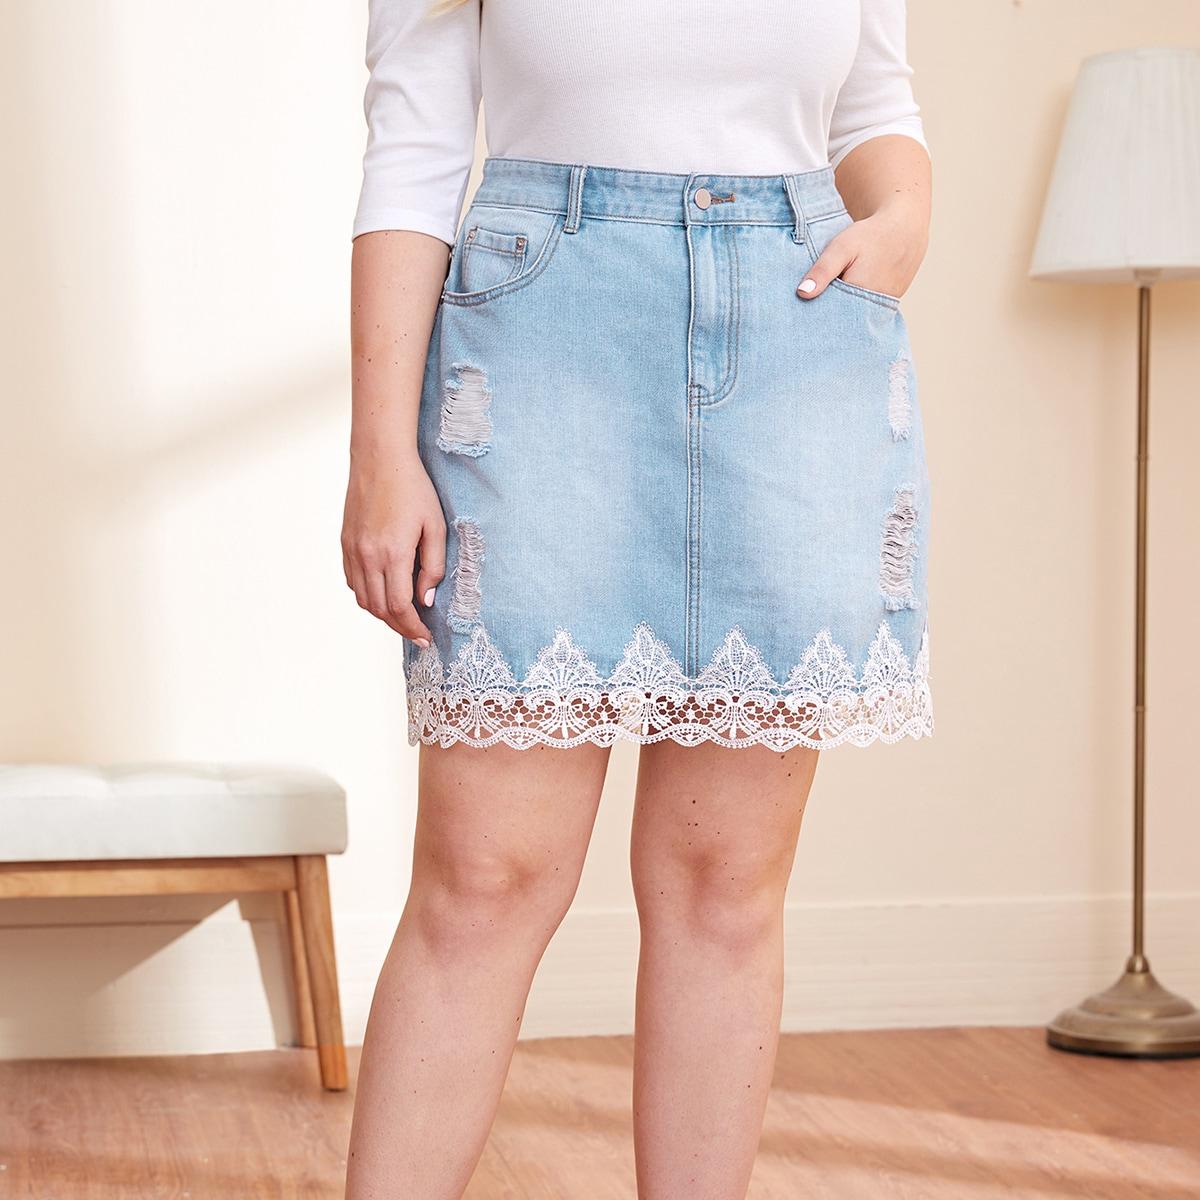 Рваная джинсовая юбка размера плюс с кружевной отделкой